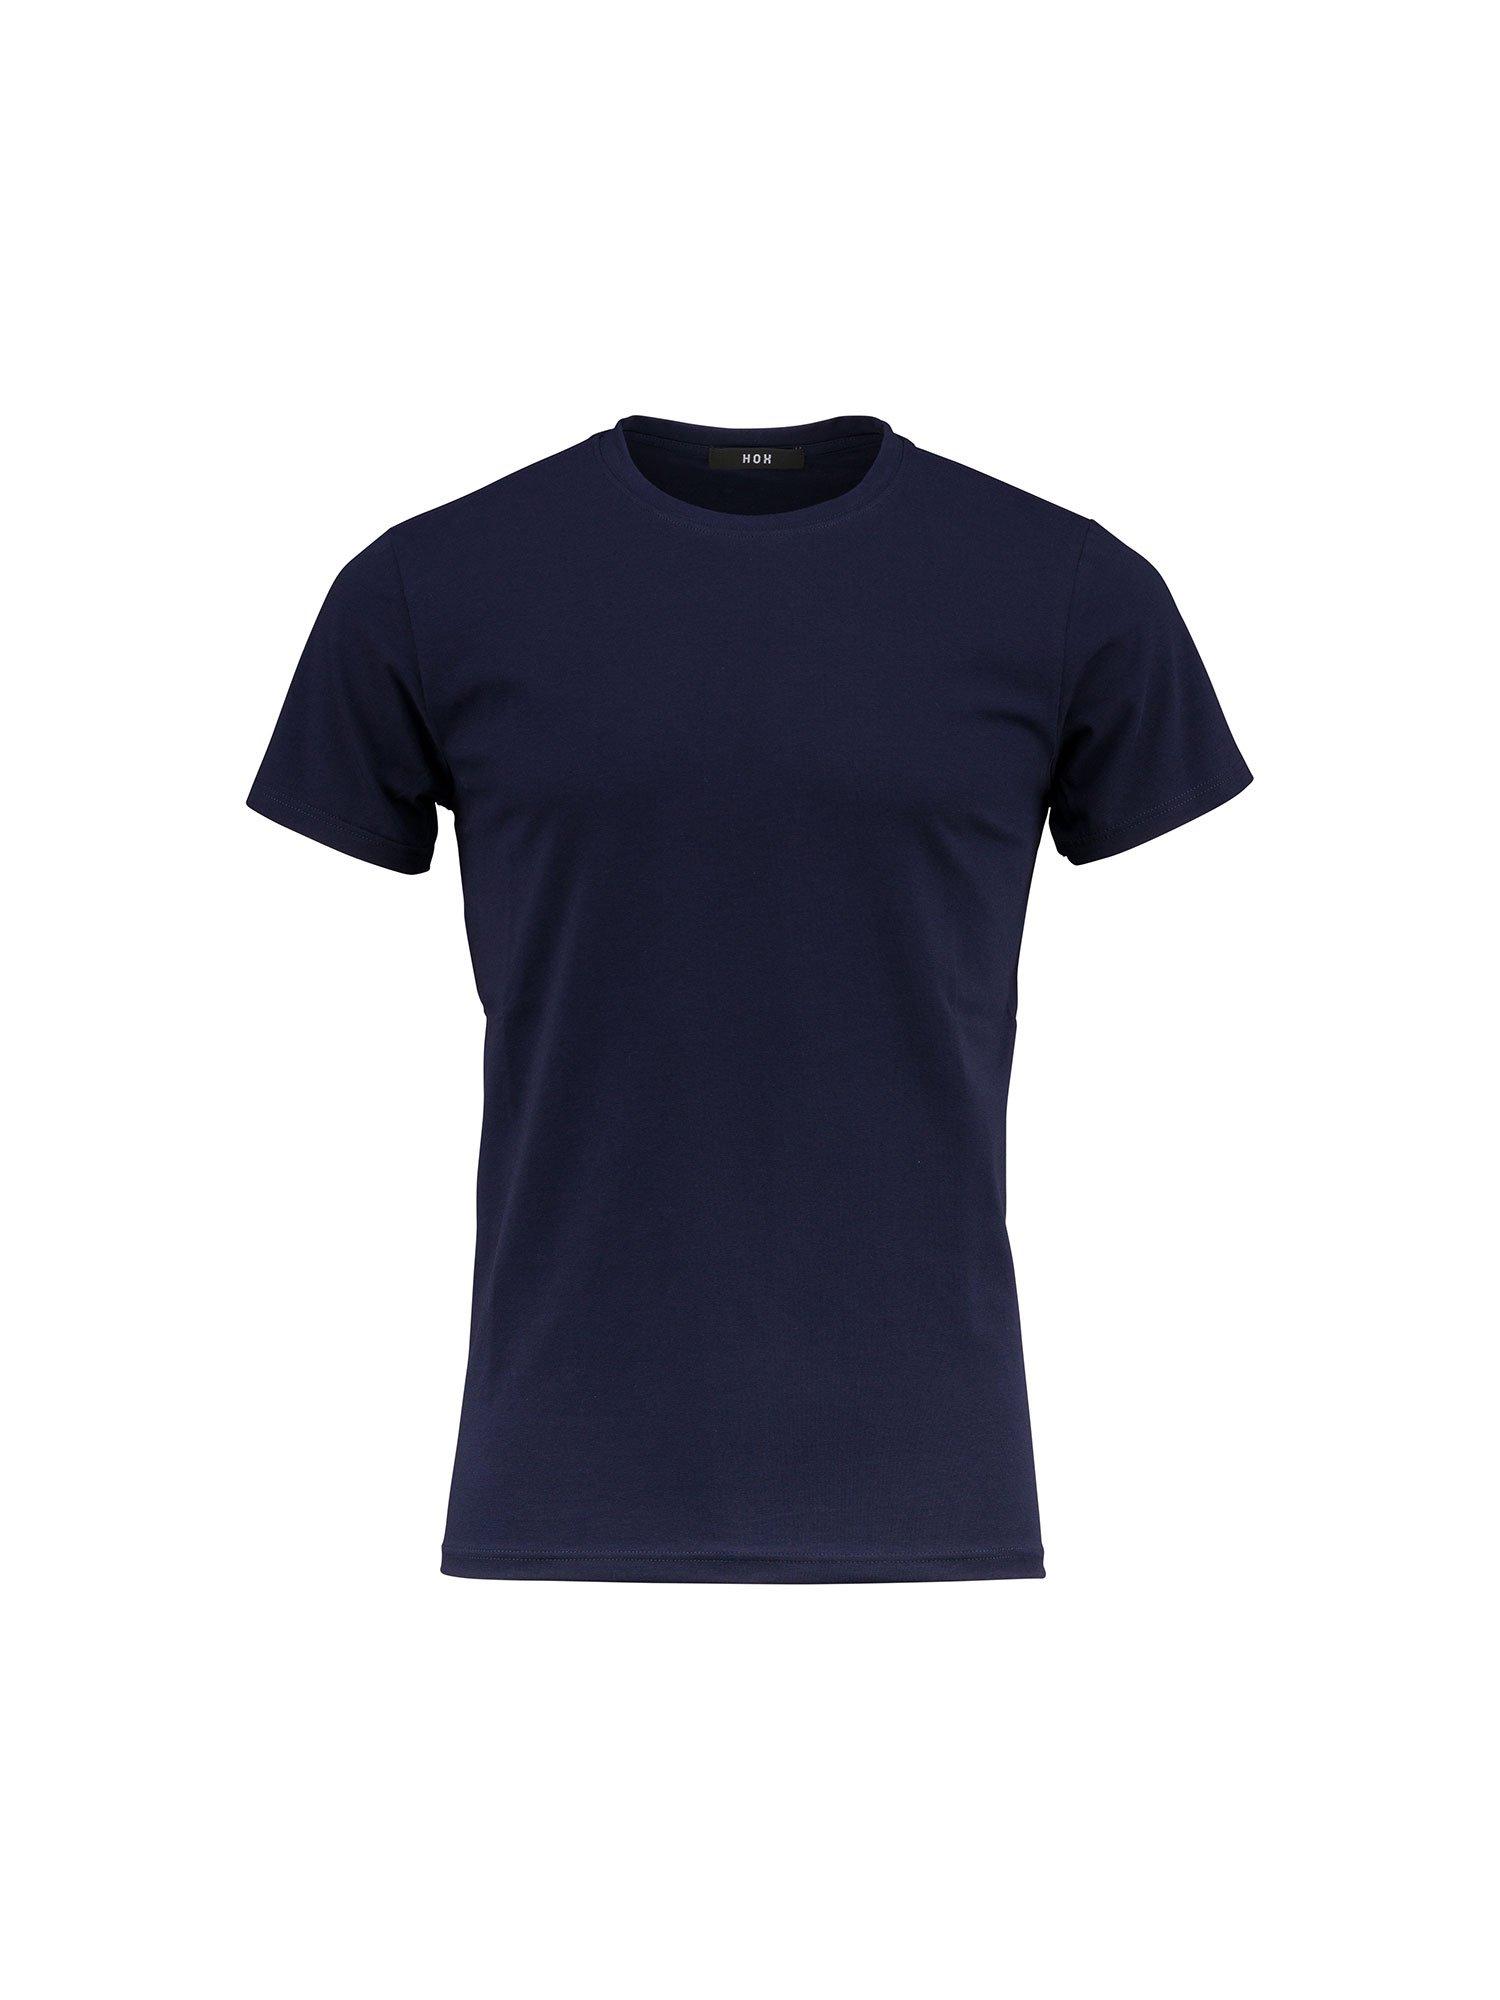 Baumwoll-Basic T-Shirt